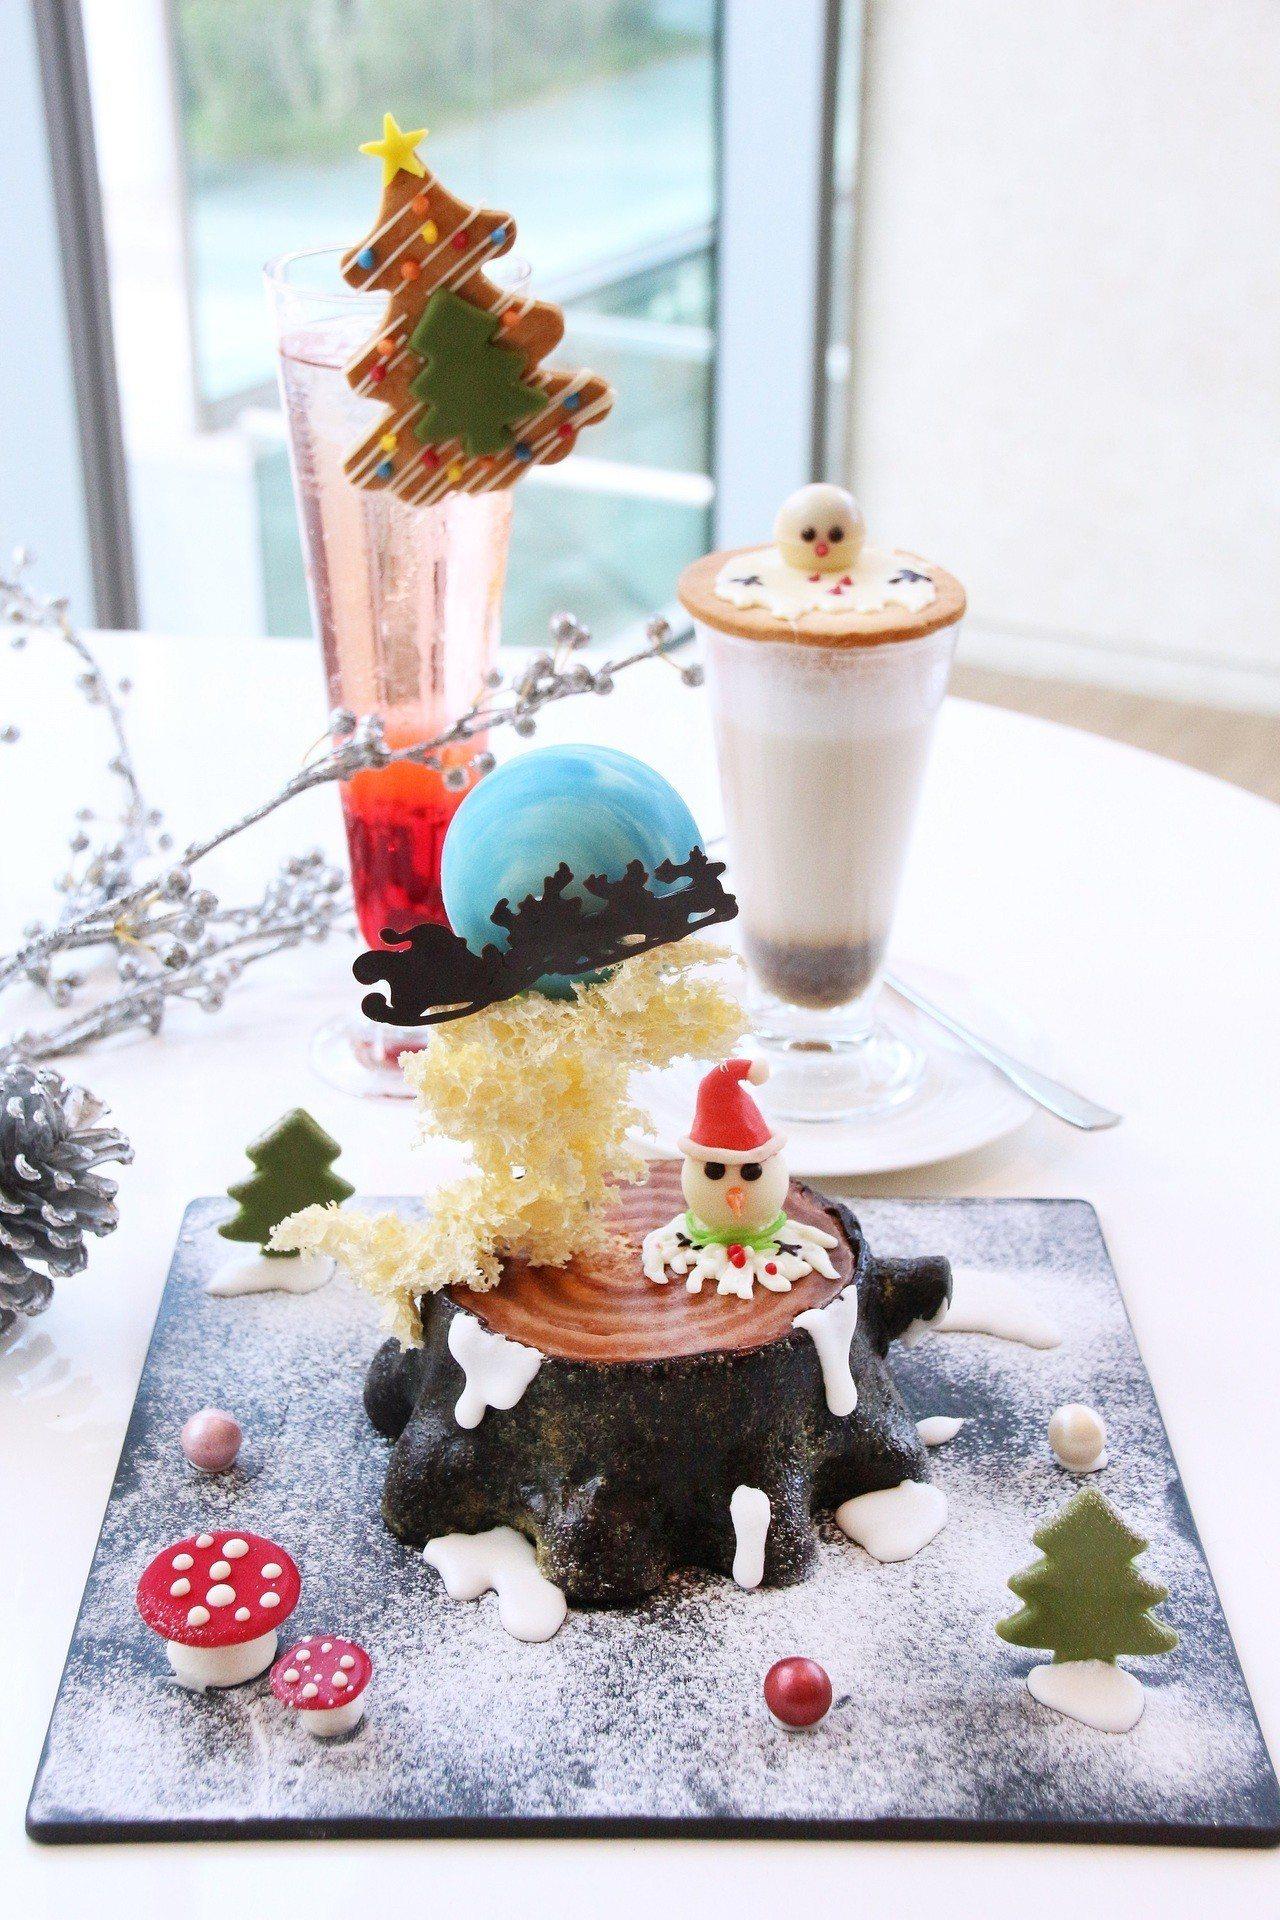 「麋鹿雪橇飛月耶誕蛋糕」售價600元+10%。圖/台中日月千禧酒店提供